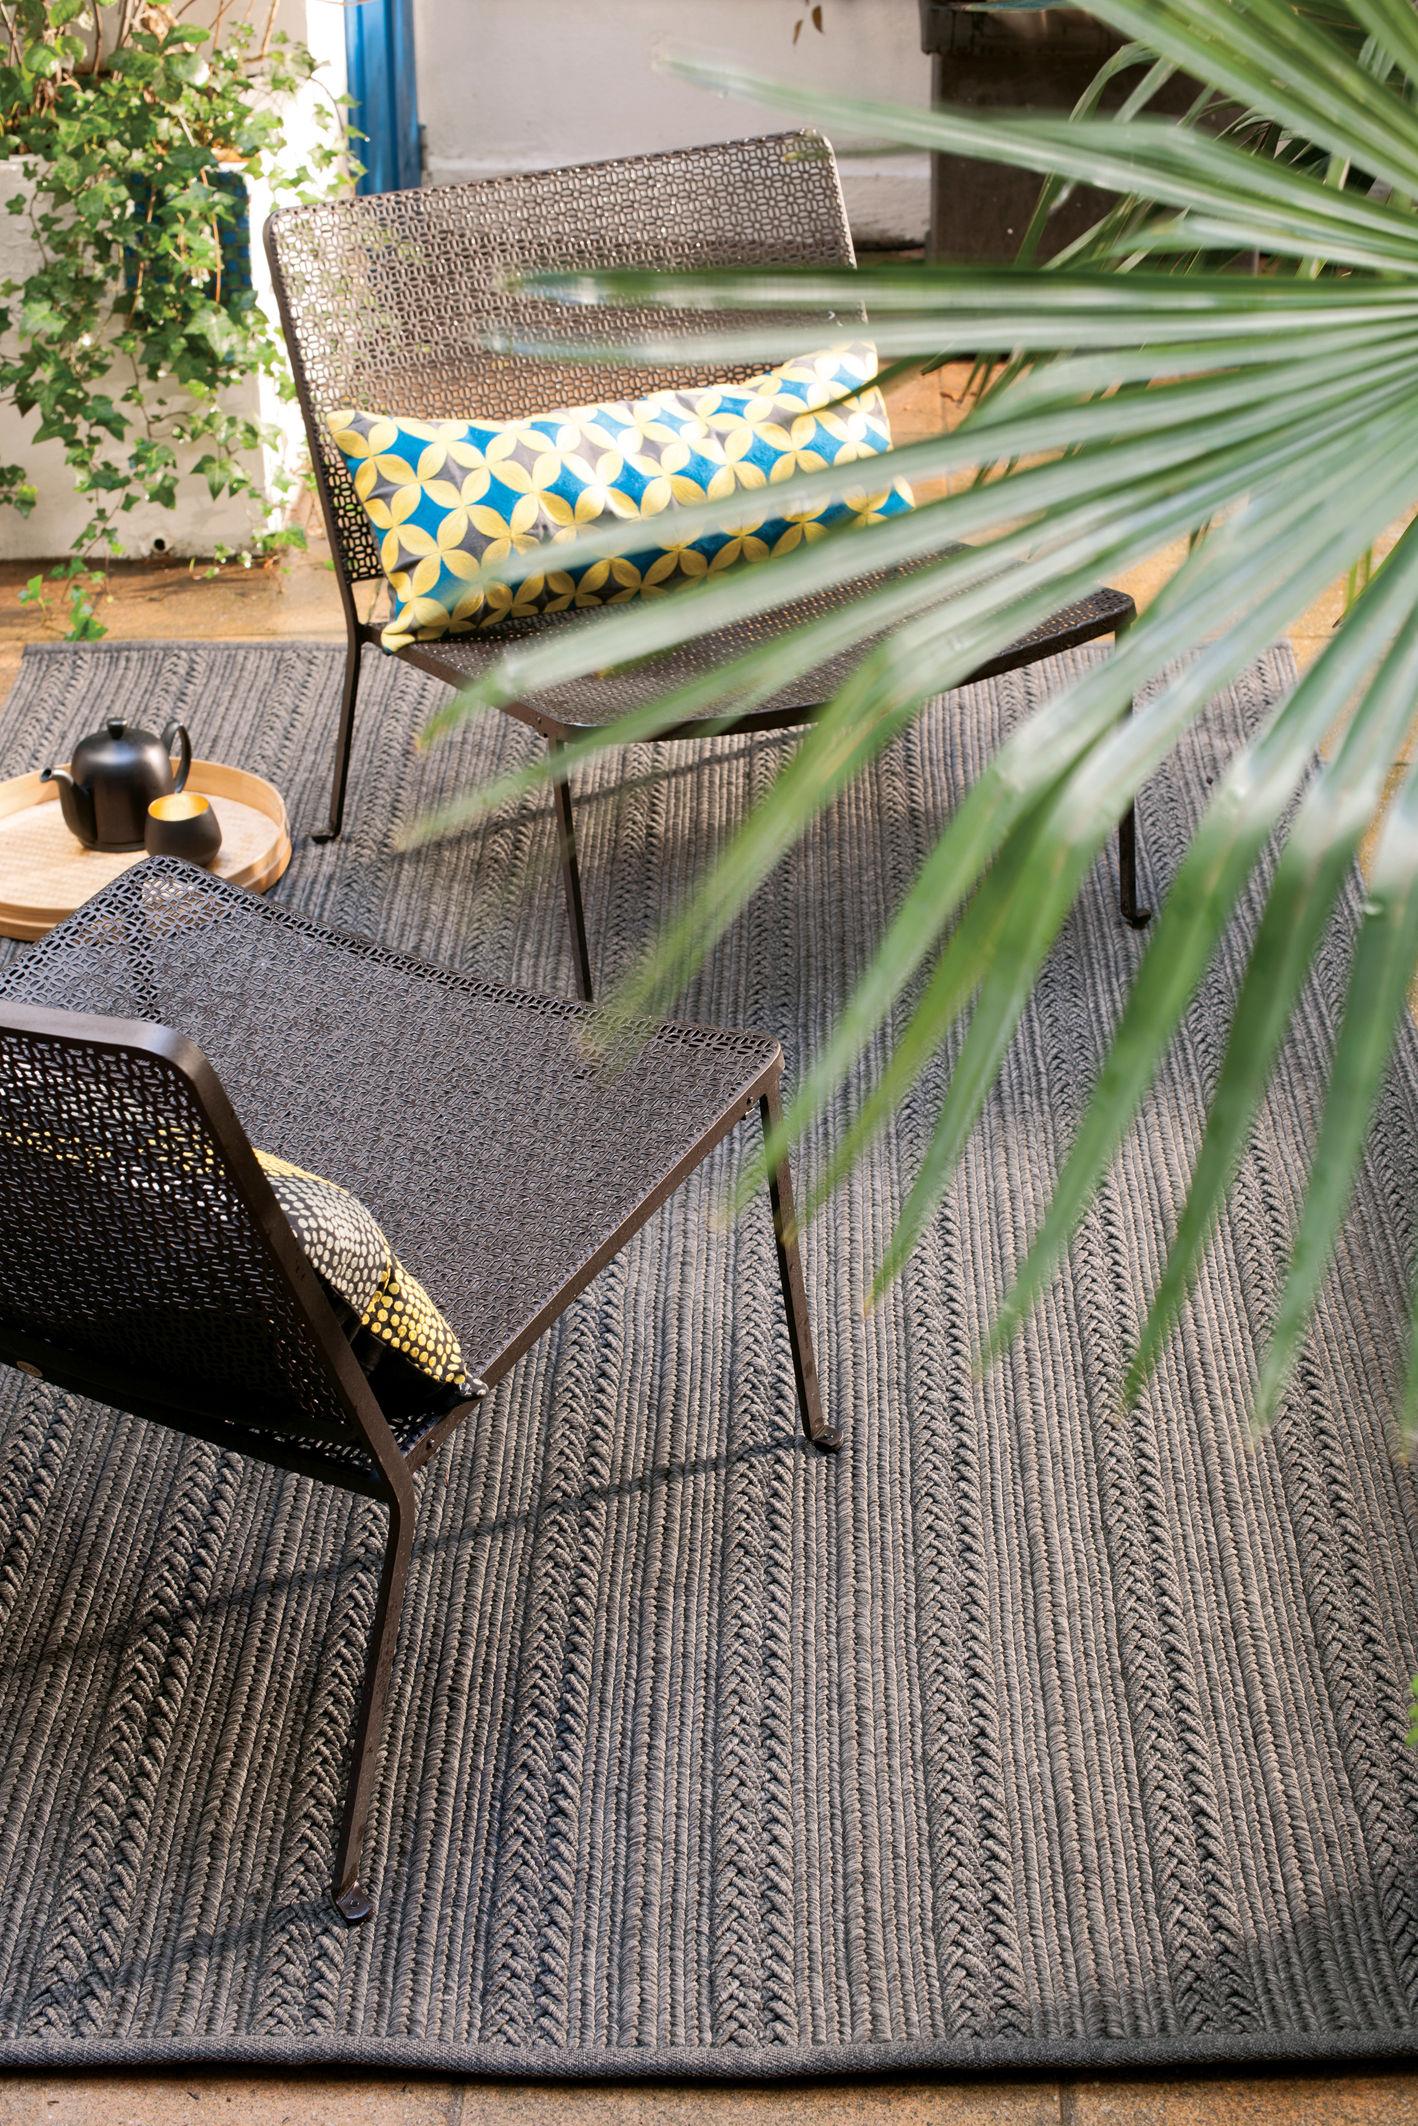 torsade outdoorgeeignet 170 x 240 cm toulemonde. Black Bedroom Furniture Sets. Home Design Ideas